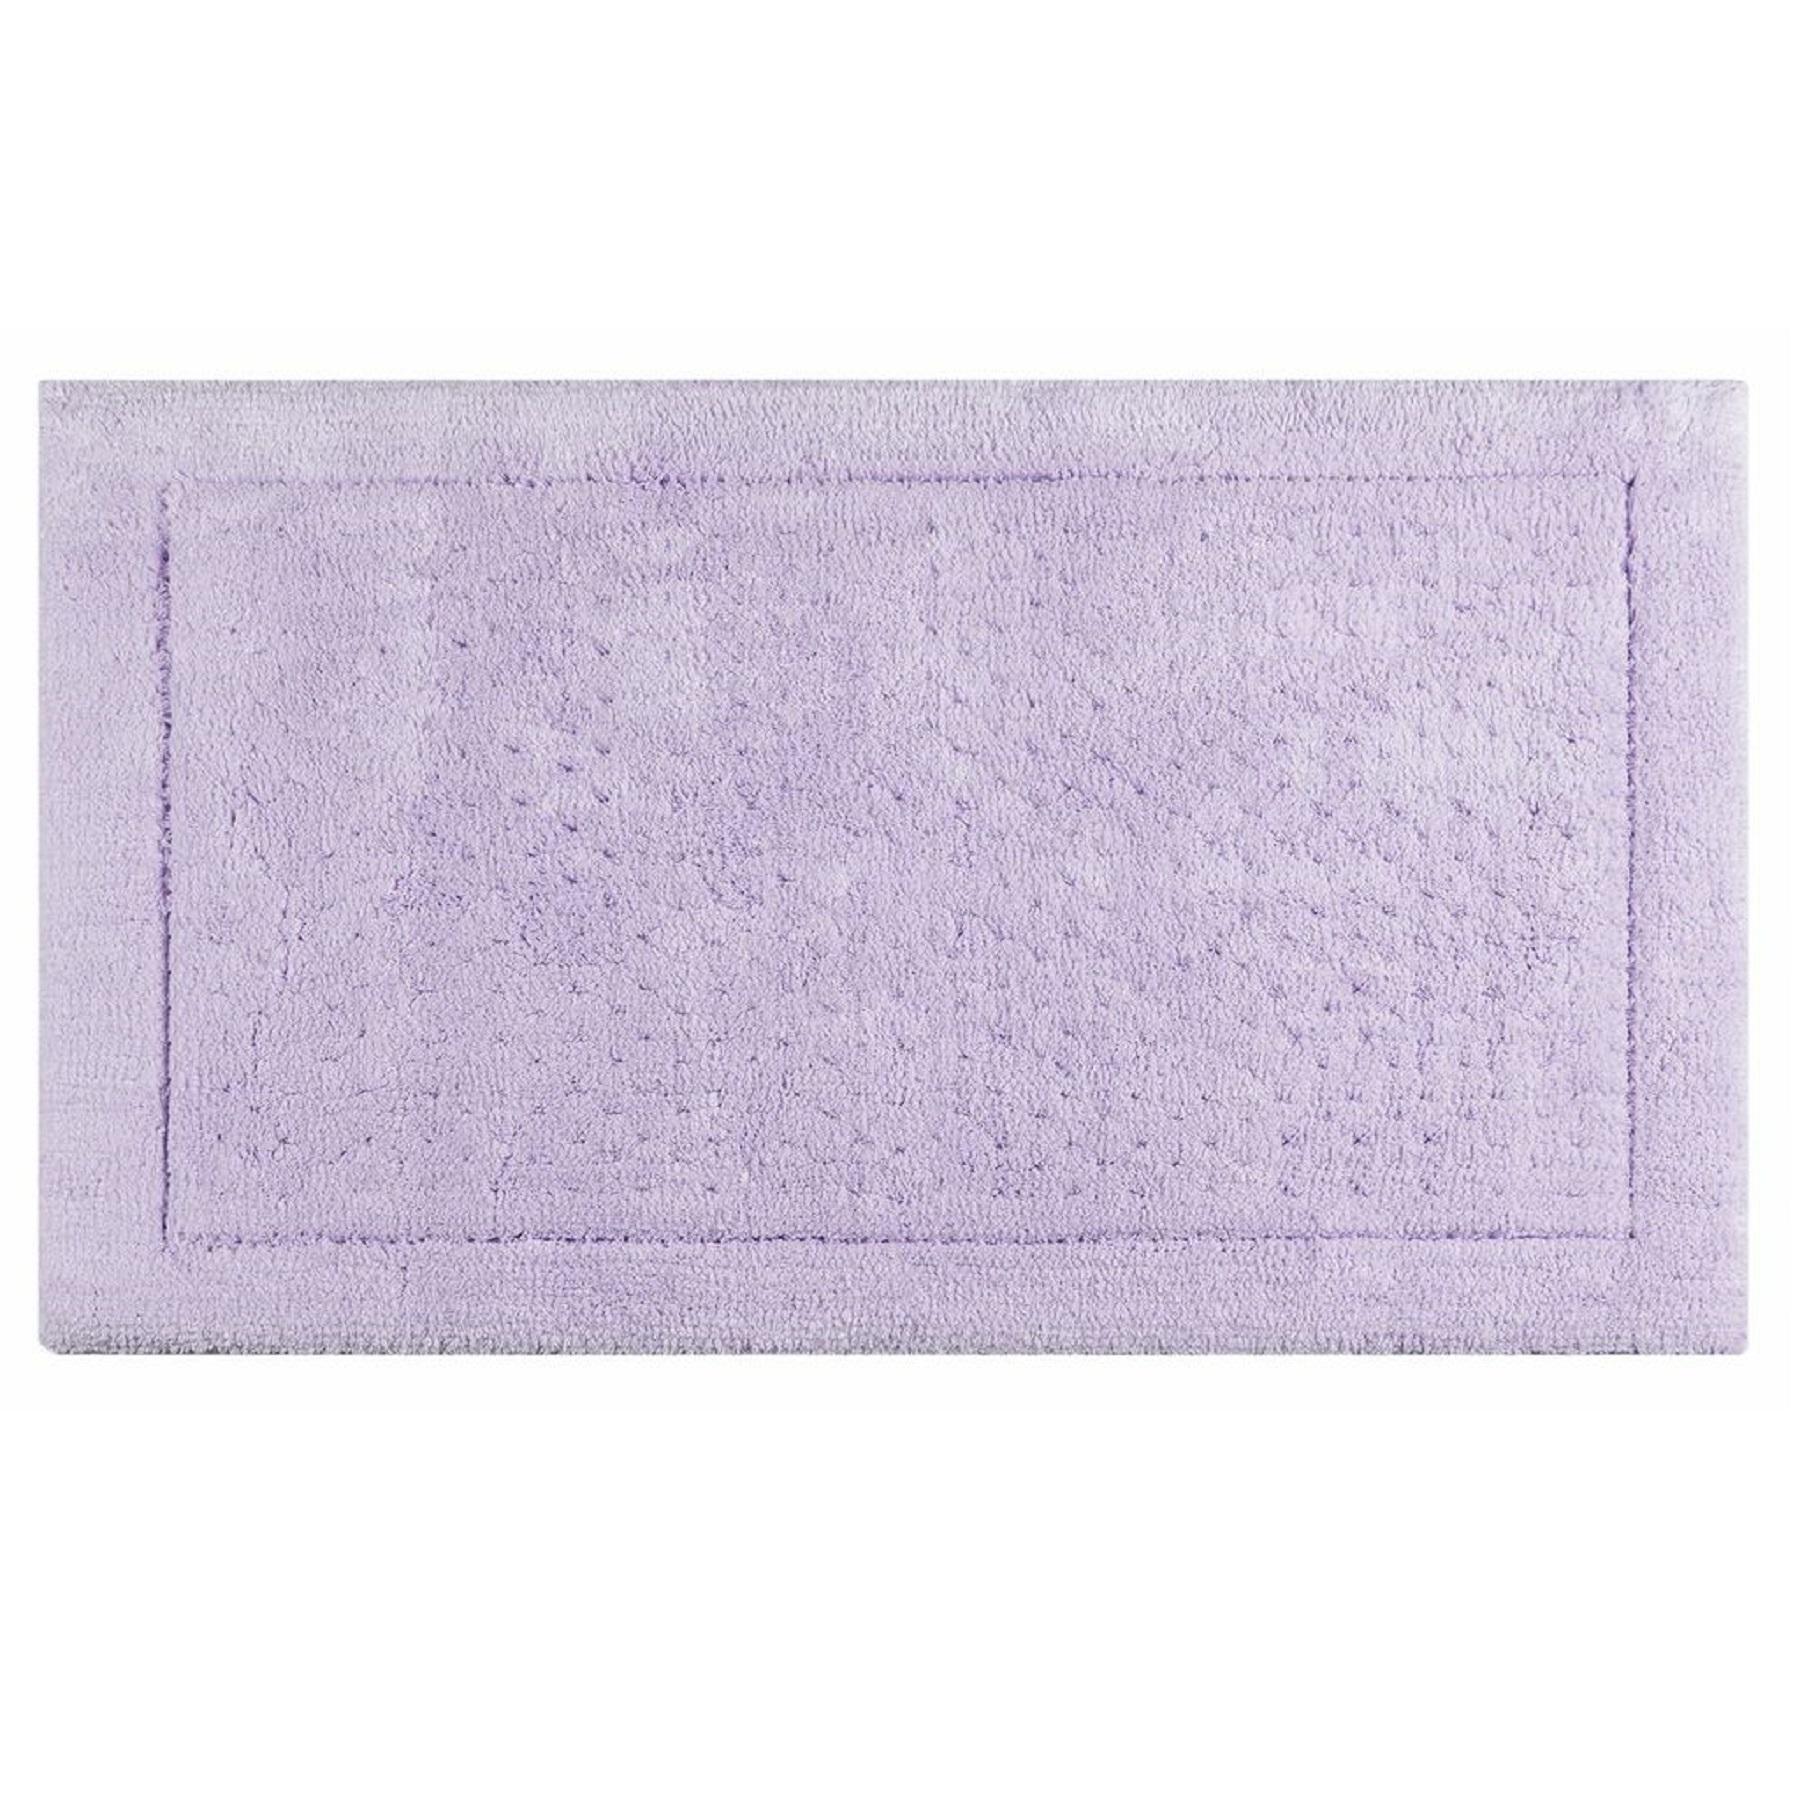 Коврик 51х81 Kassatex Sublime Lavender Frost SLM-510-LVF